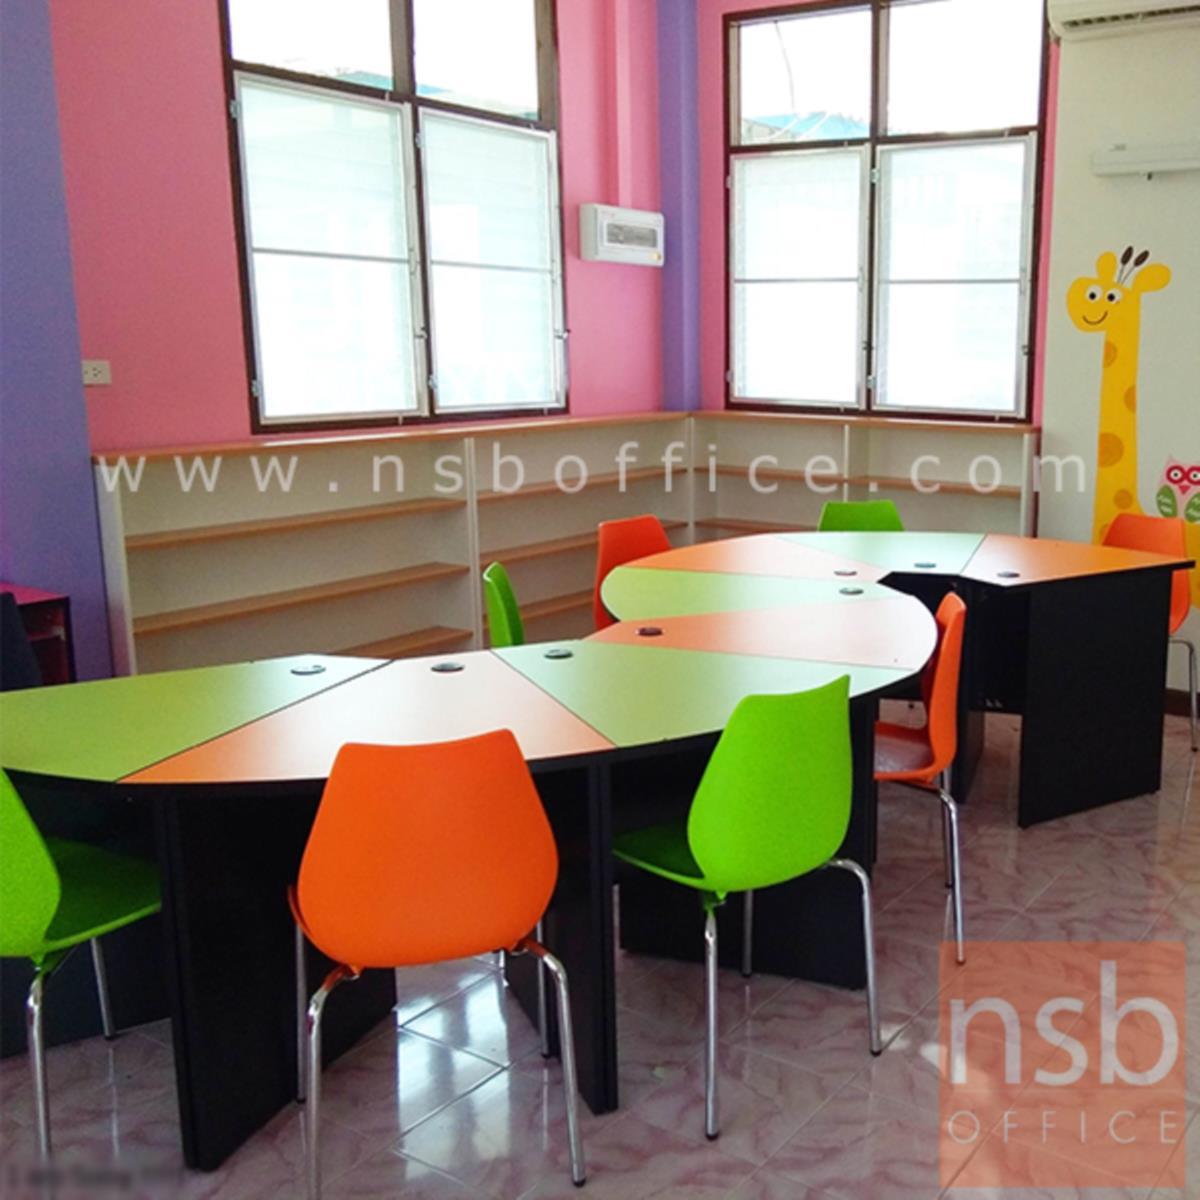 โต๊ะกิจกรรม  ขนาด 75W cm. เคลือบผิวเมลามีน (ราคาต่อ 1 ที่นั่ง)